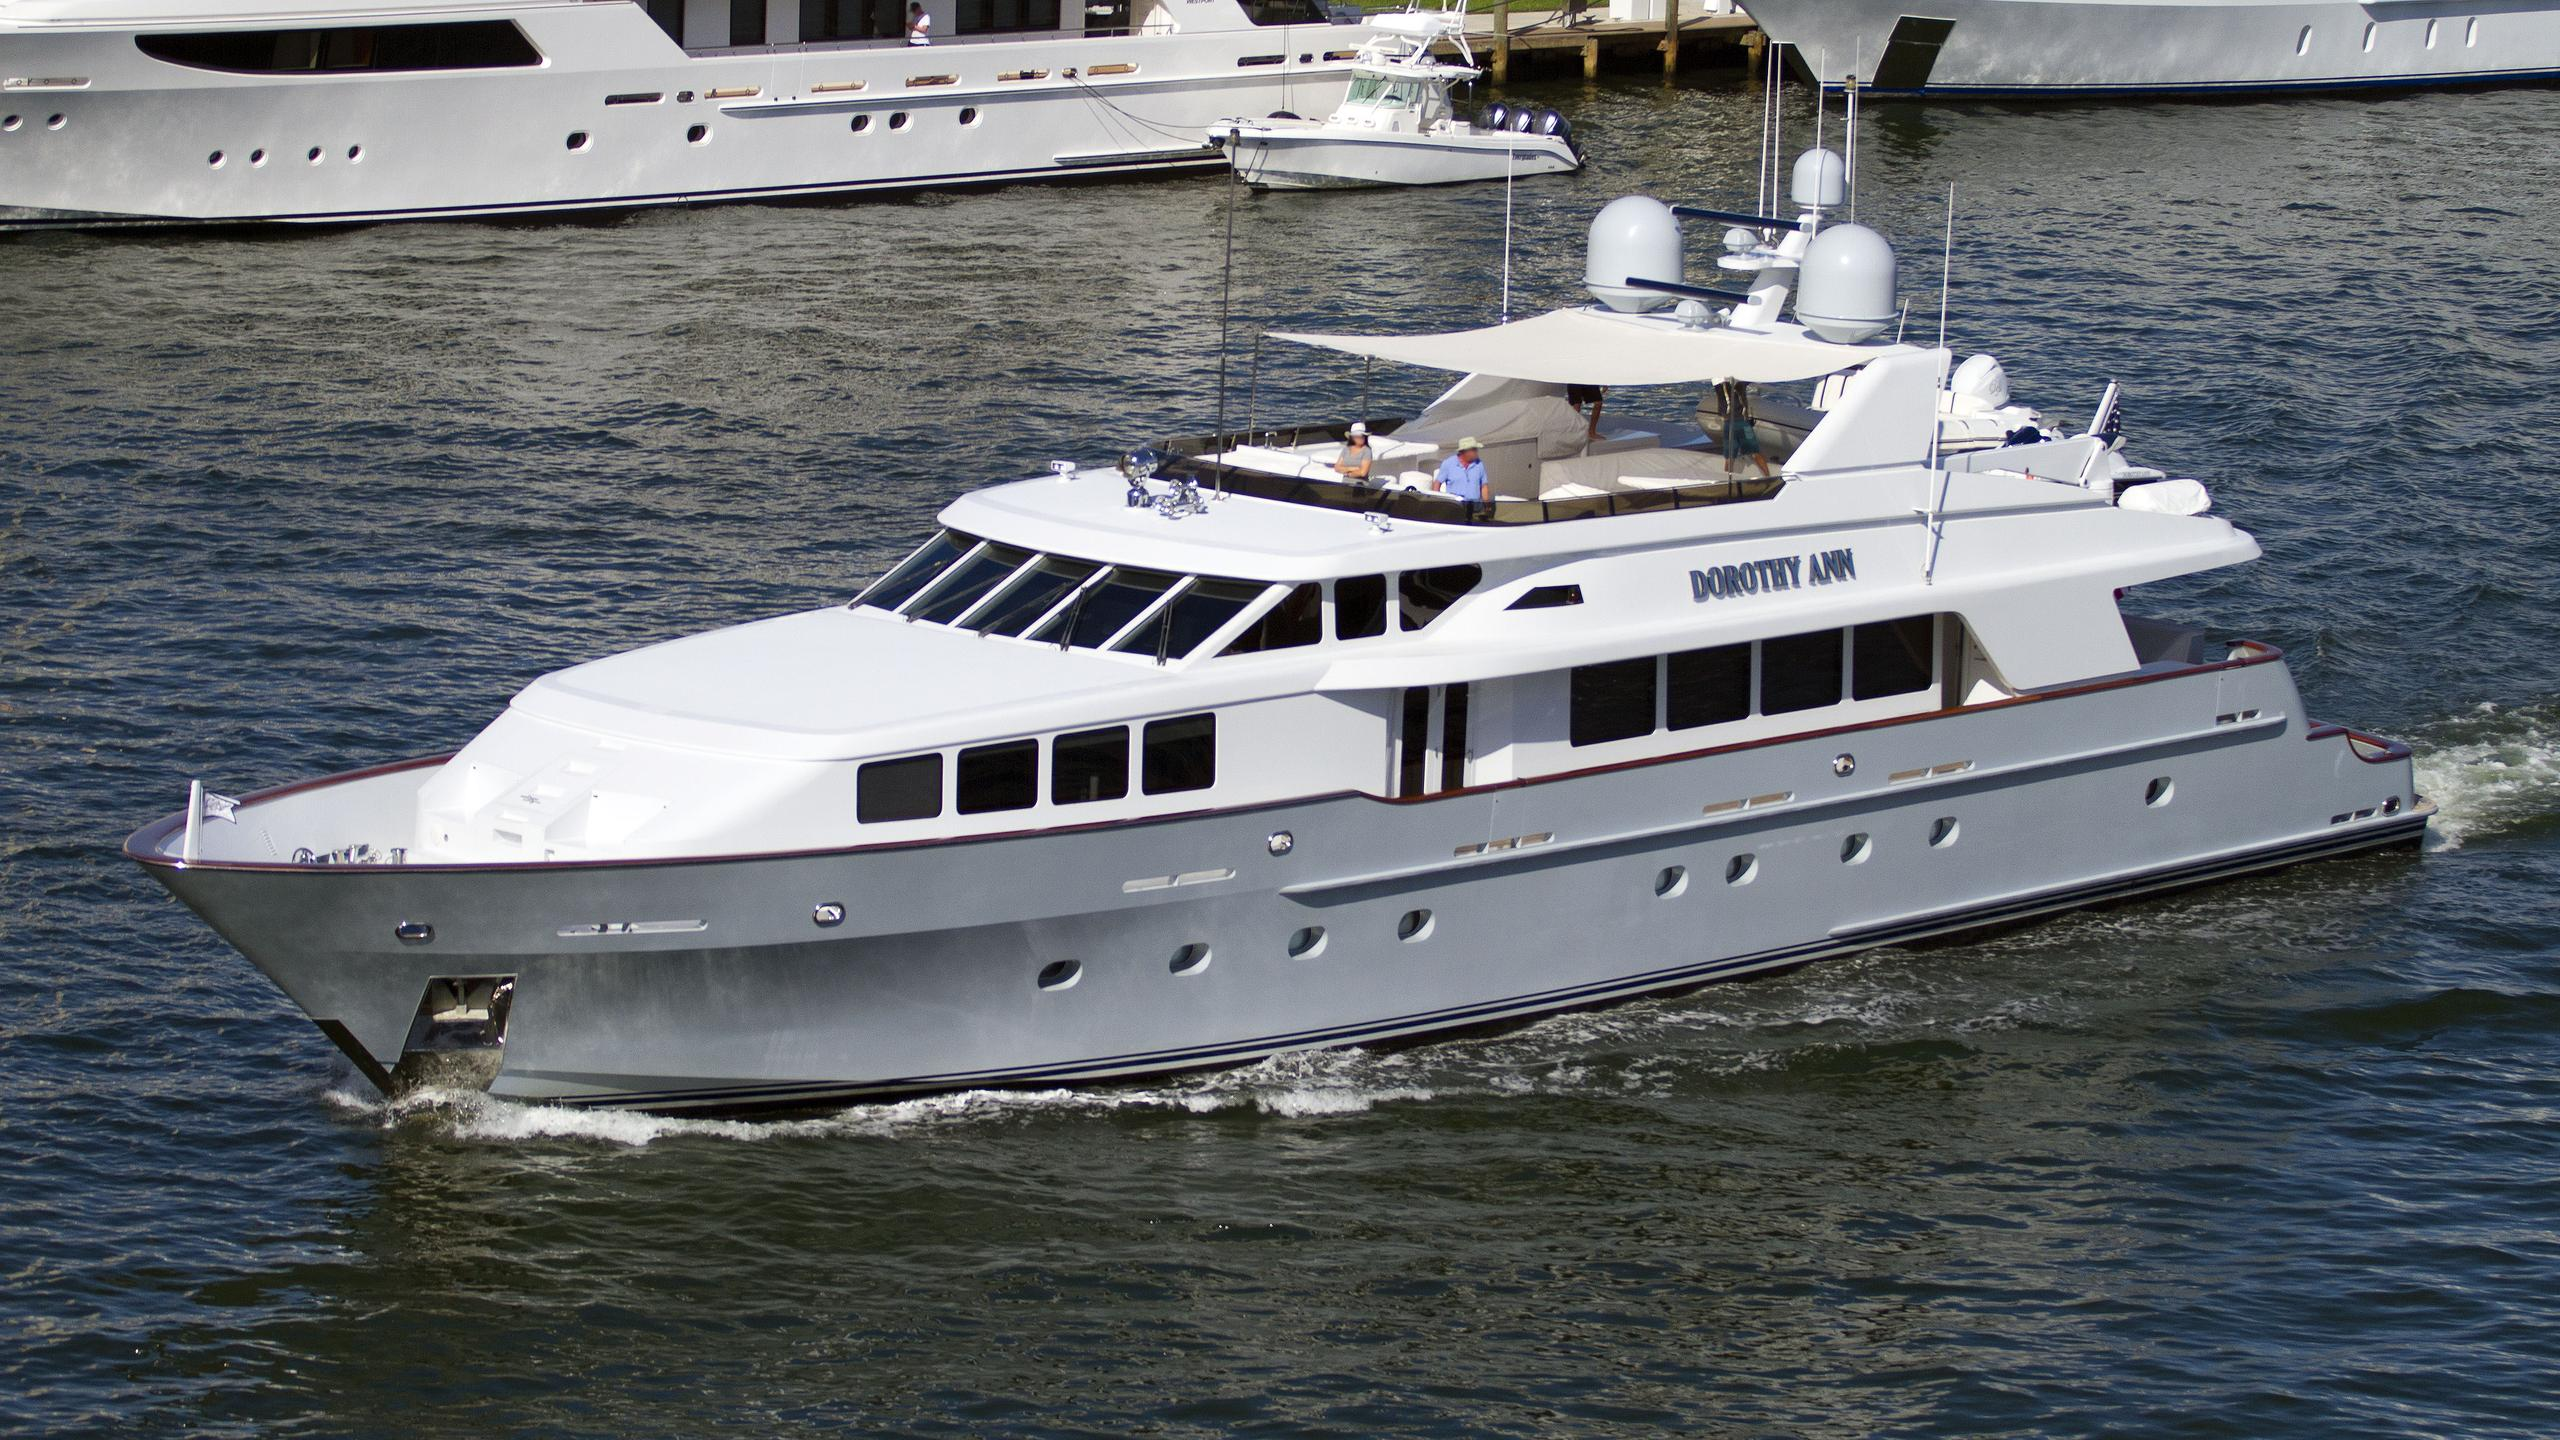 dorothy-ann-motoryacht-trinity-yachts-2001-38m-running